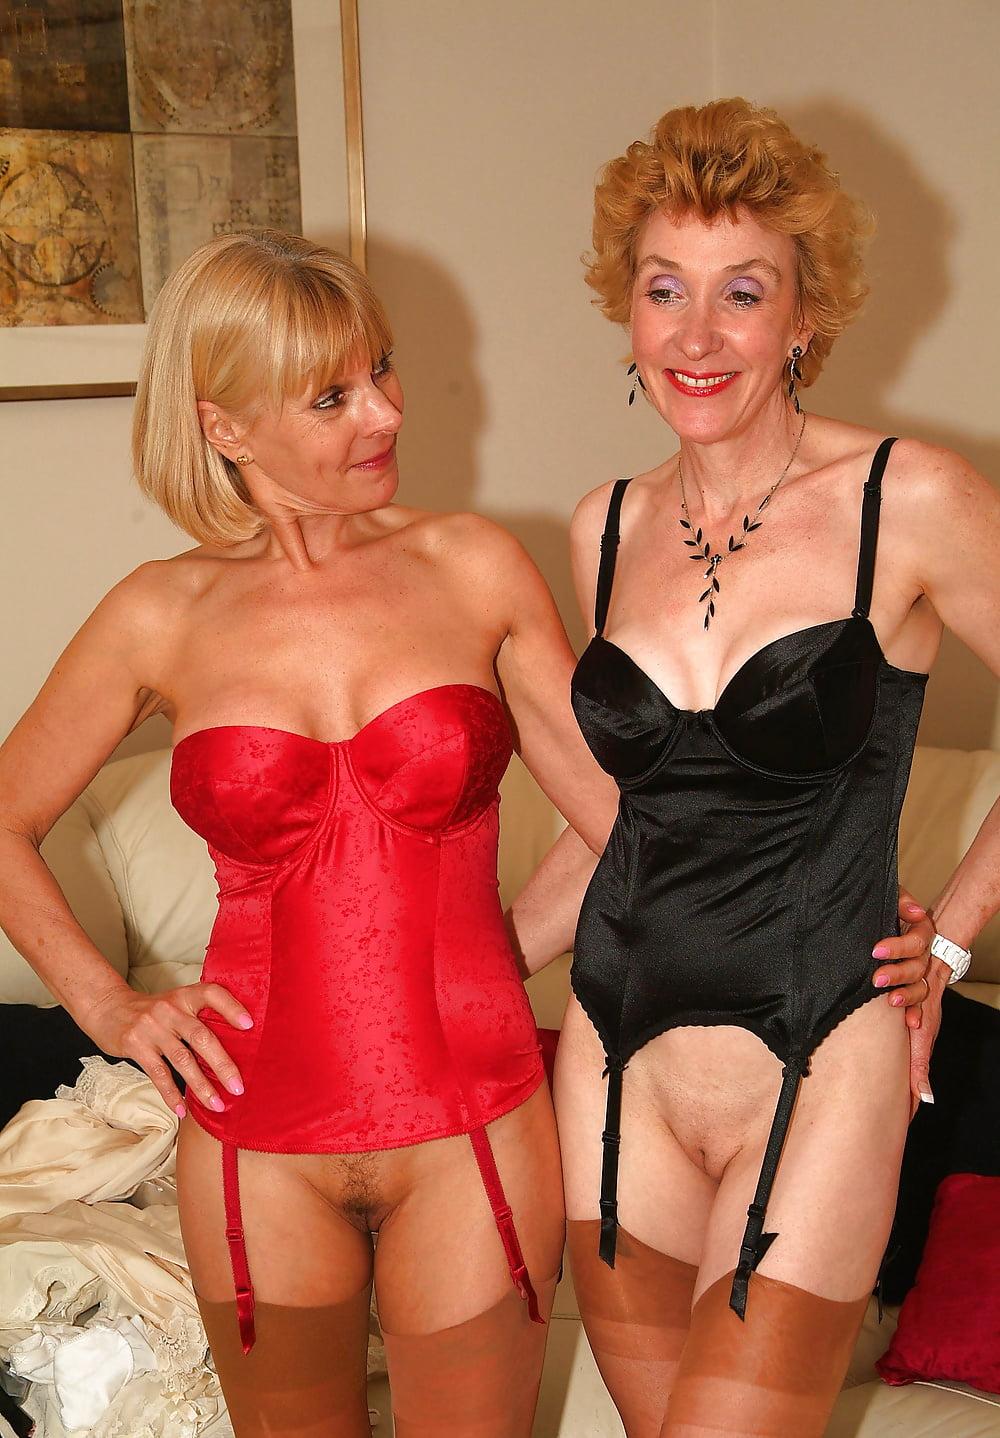 Videos of mature ladies in lingerie